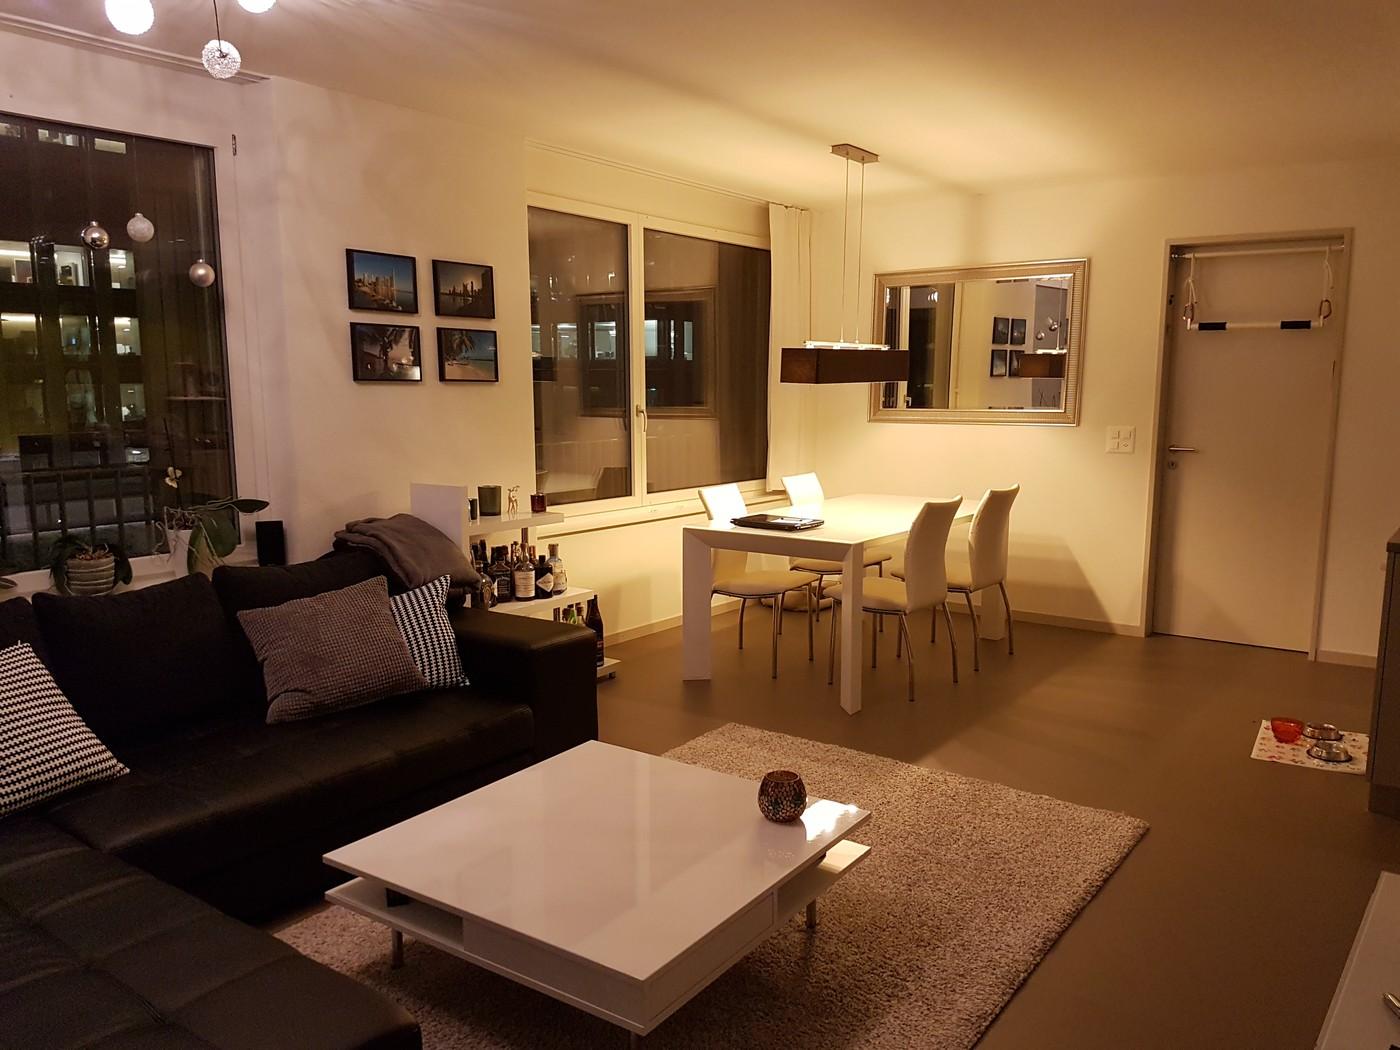 3 u00bd Zimmer Wohnung in Zürich mieten flatfox